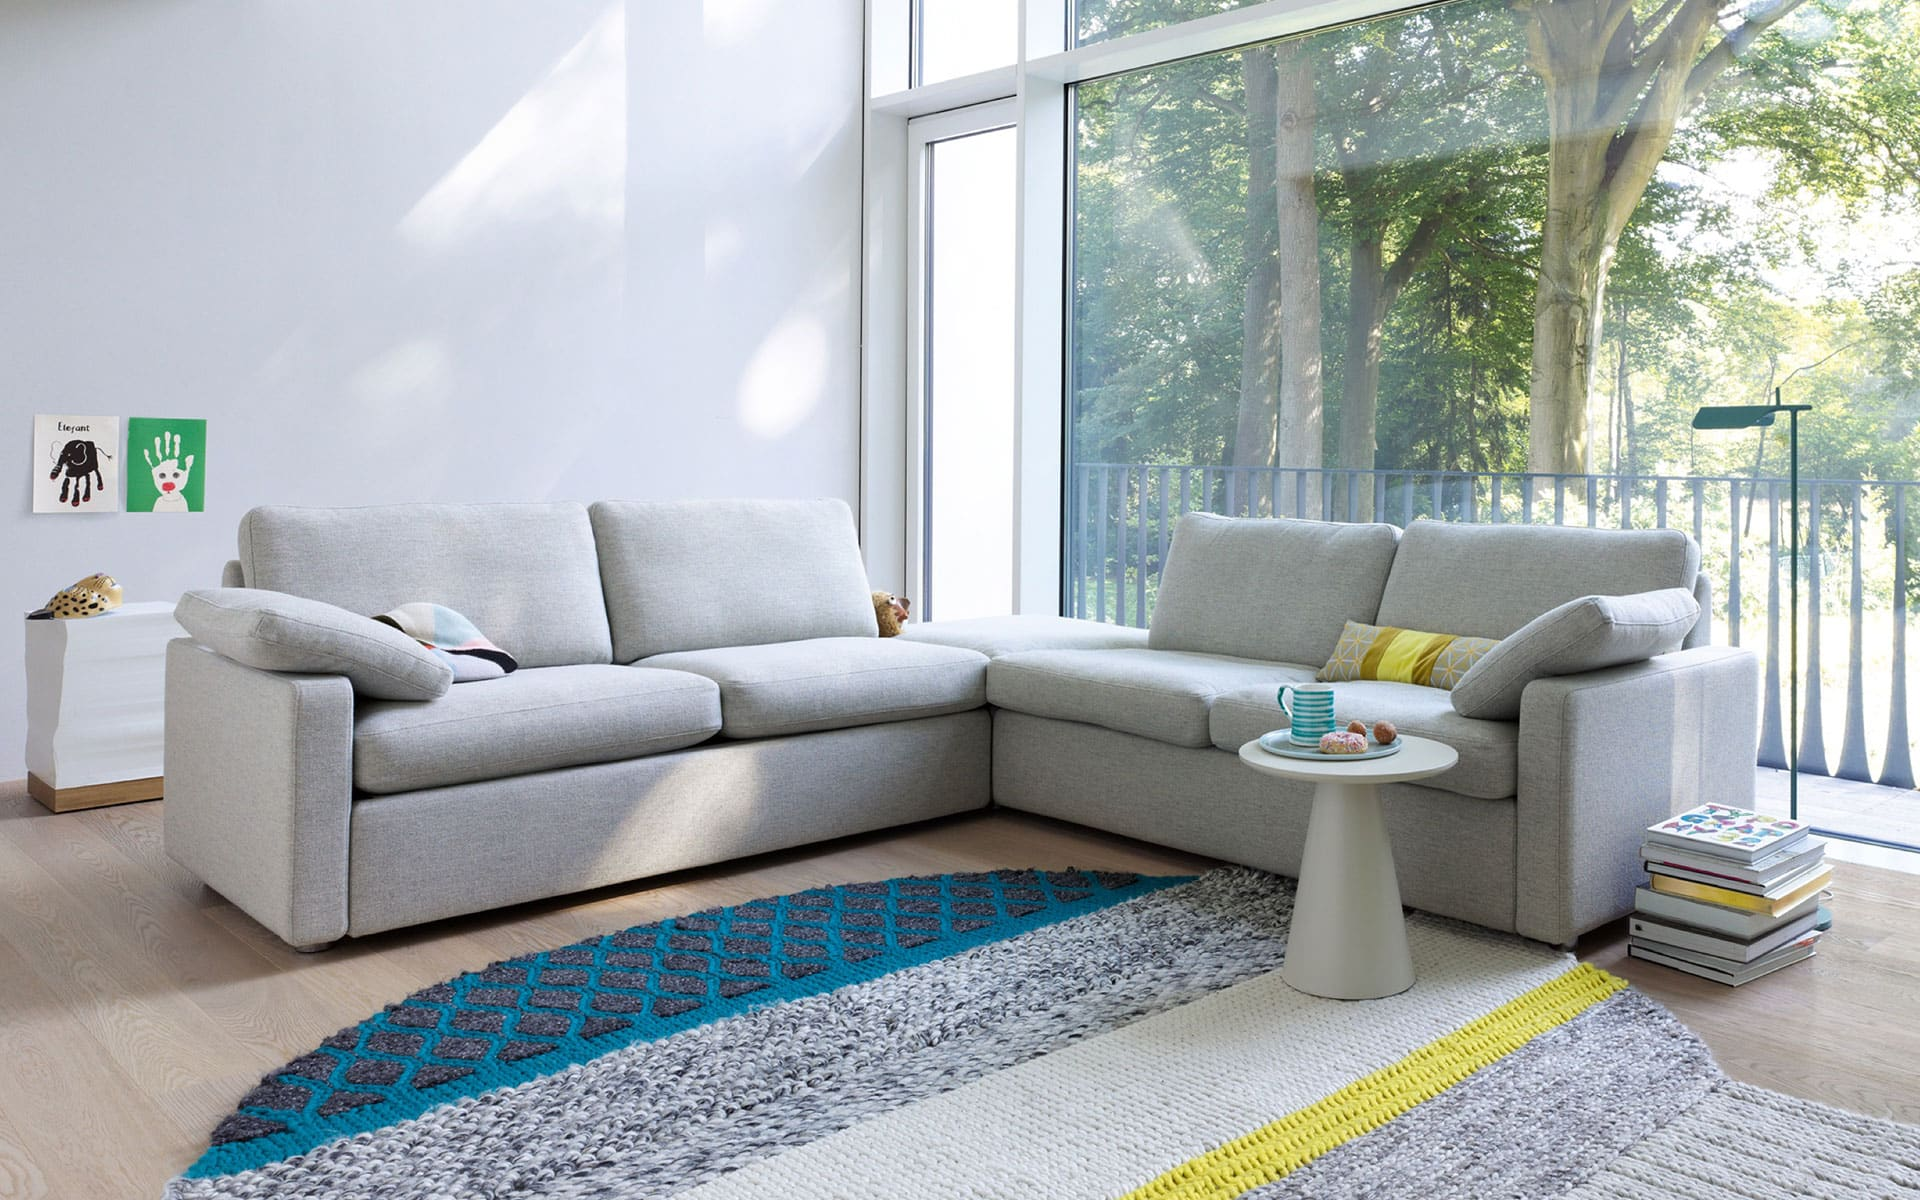 Cor Schlafsofa conseta sofa bed cor